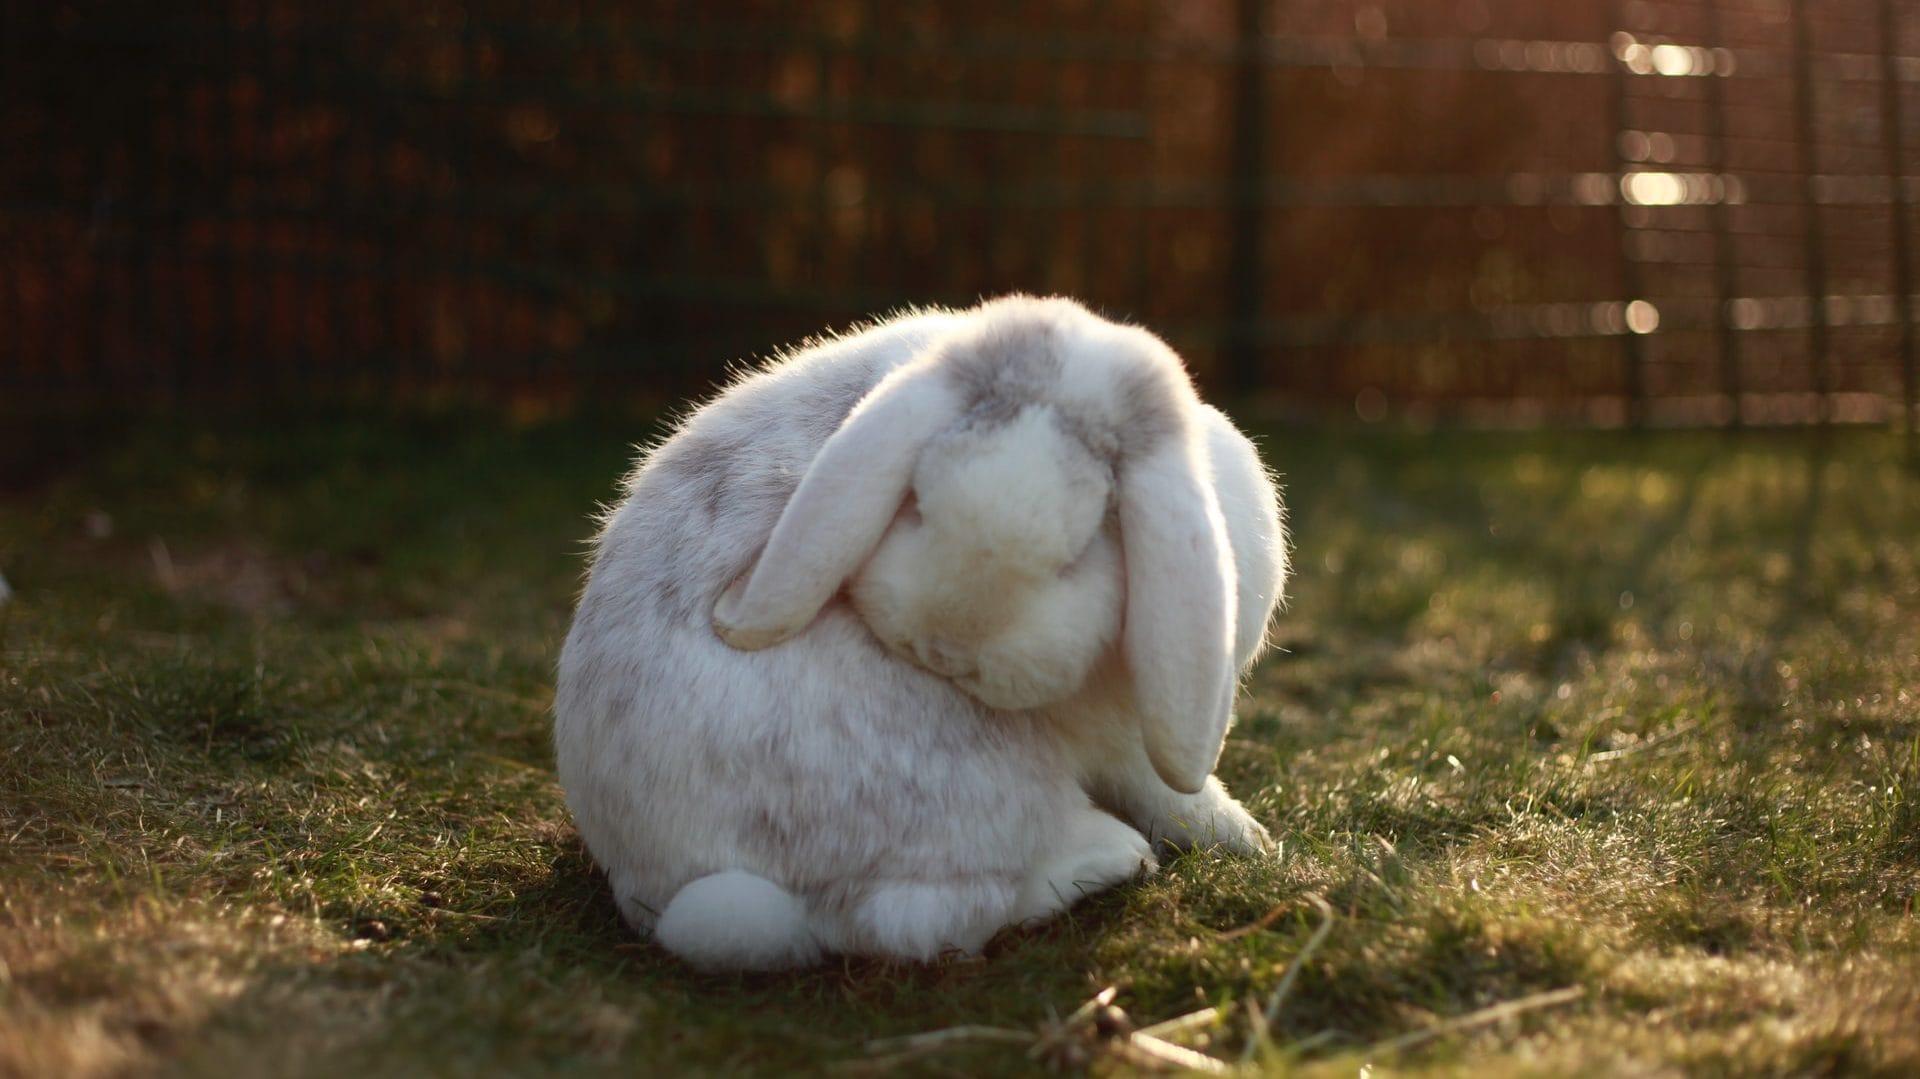 Wit konijntje op gras, vooraanzicht